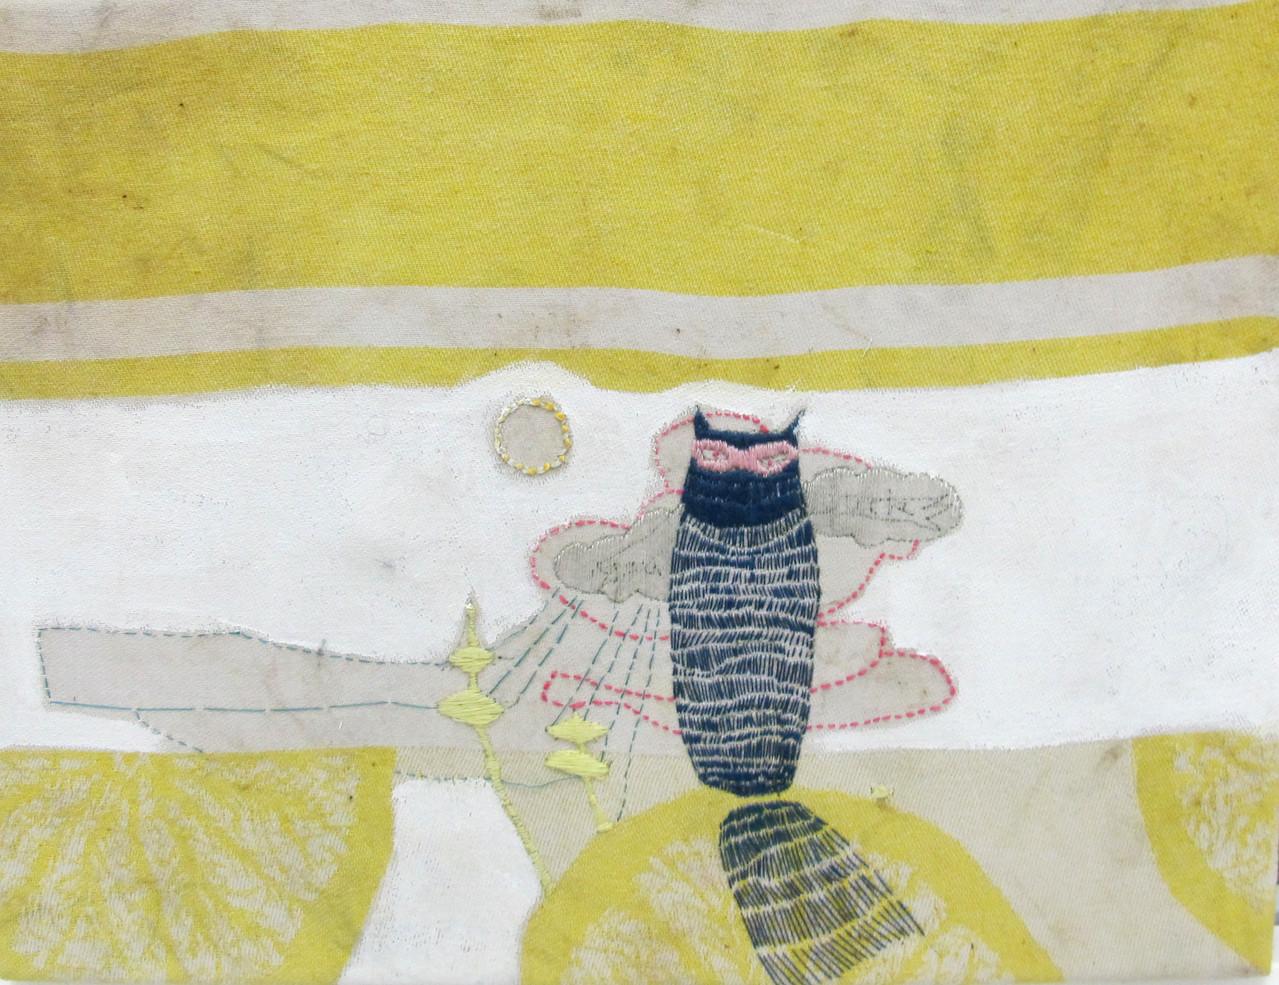 *desert*, stickerei udn acryl auf geschirrtusch, ca. 21x27 cm